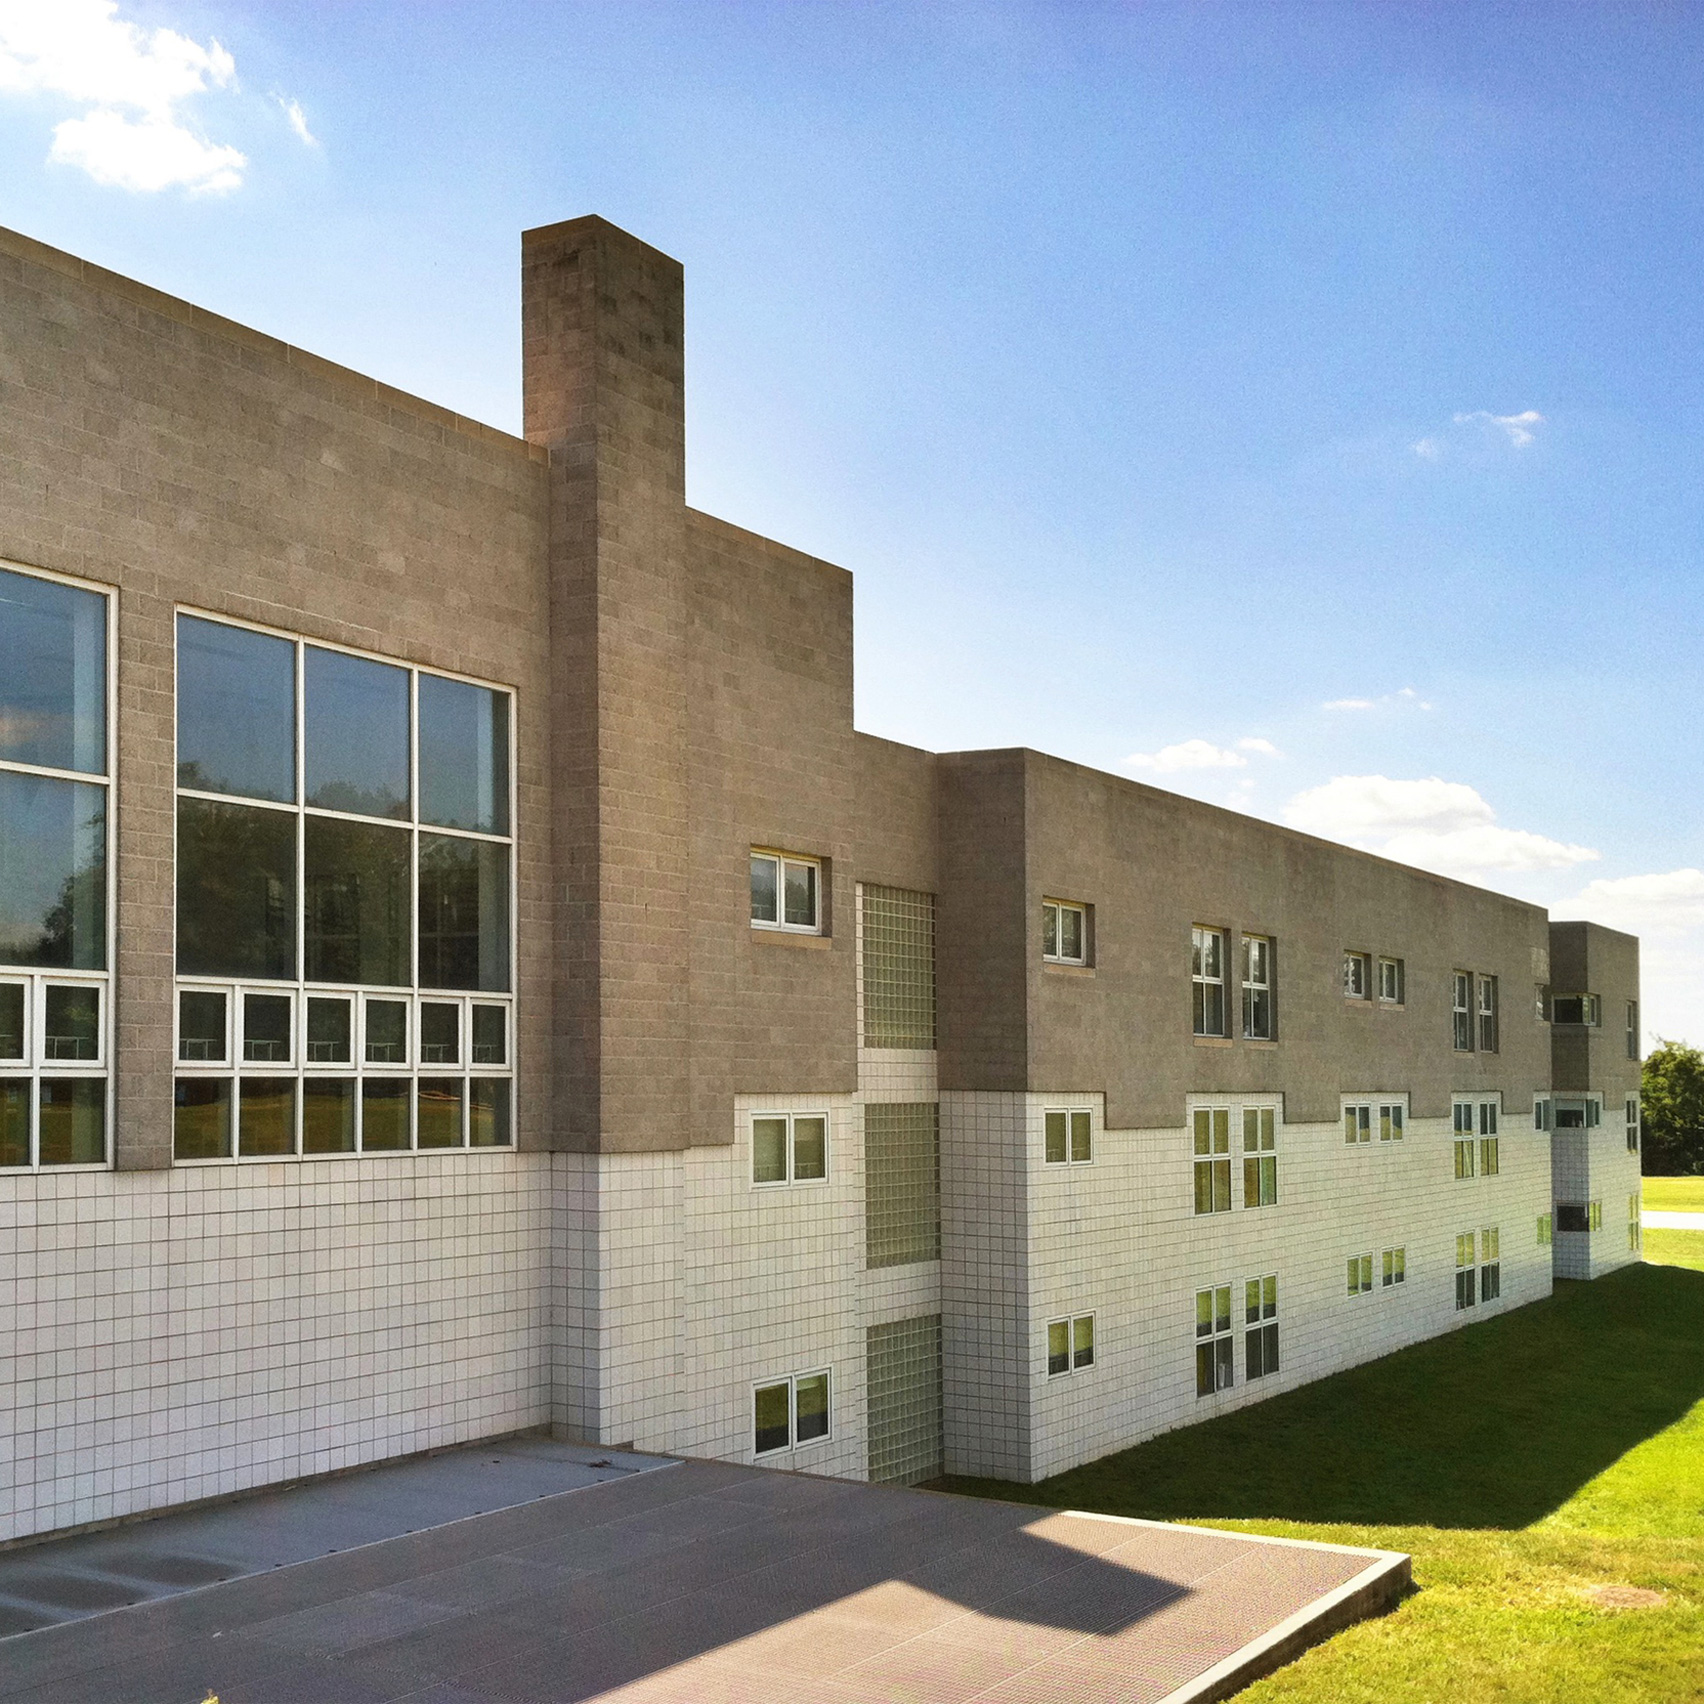 Clifty Creek Elementary School by Richard Meier & Partners, 1982